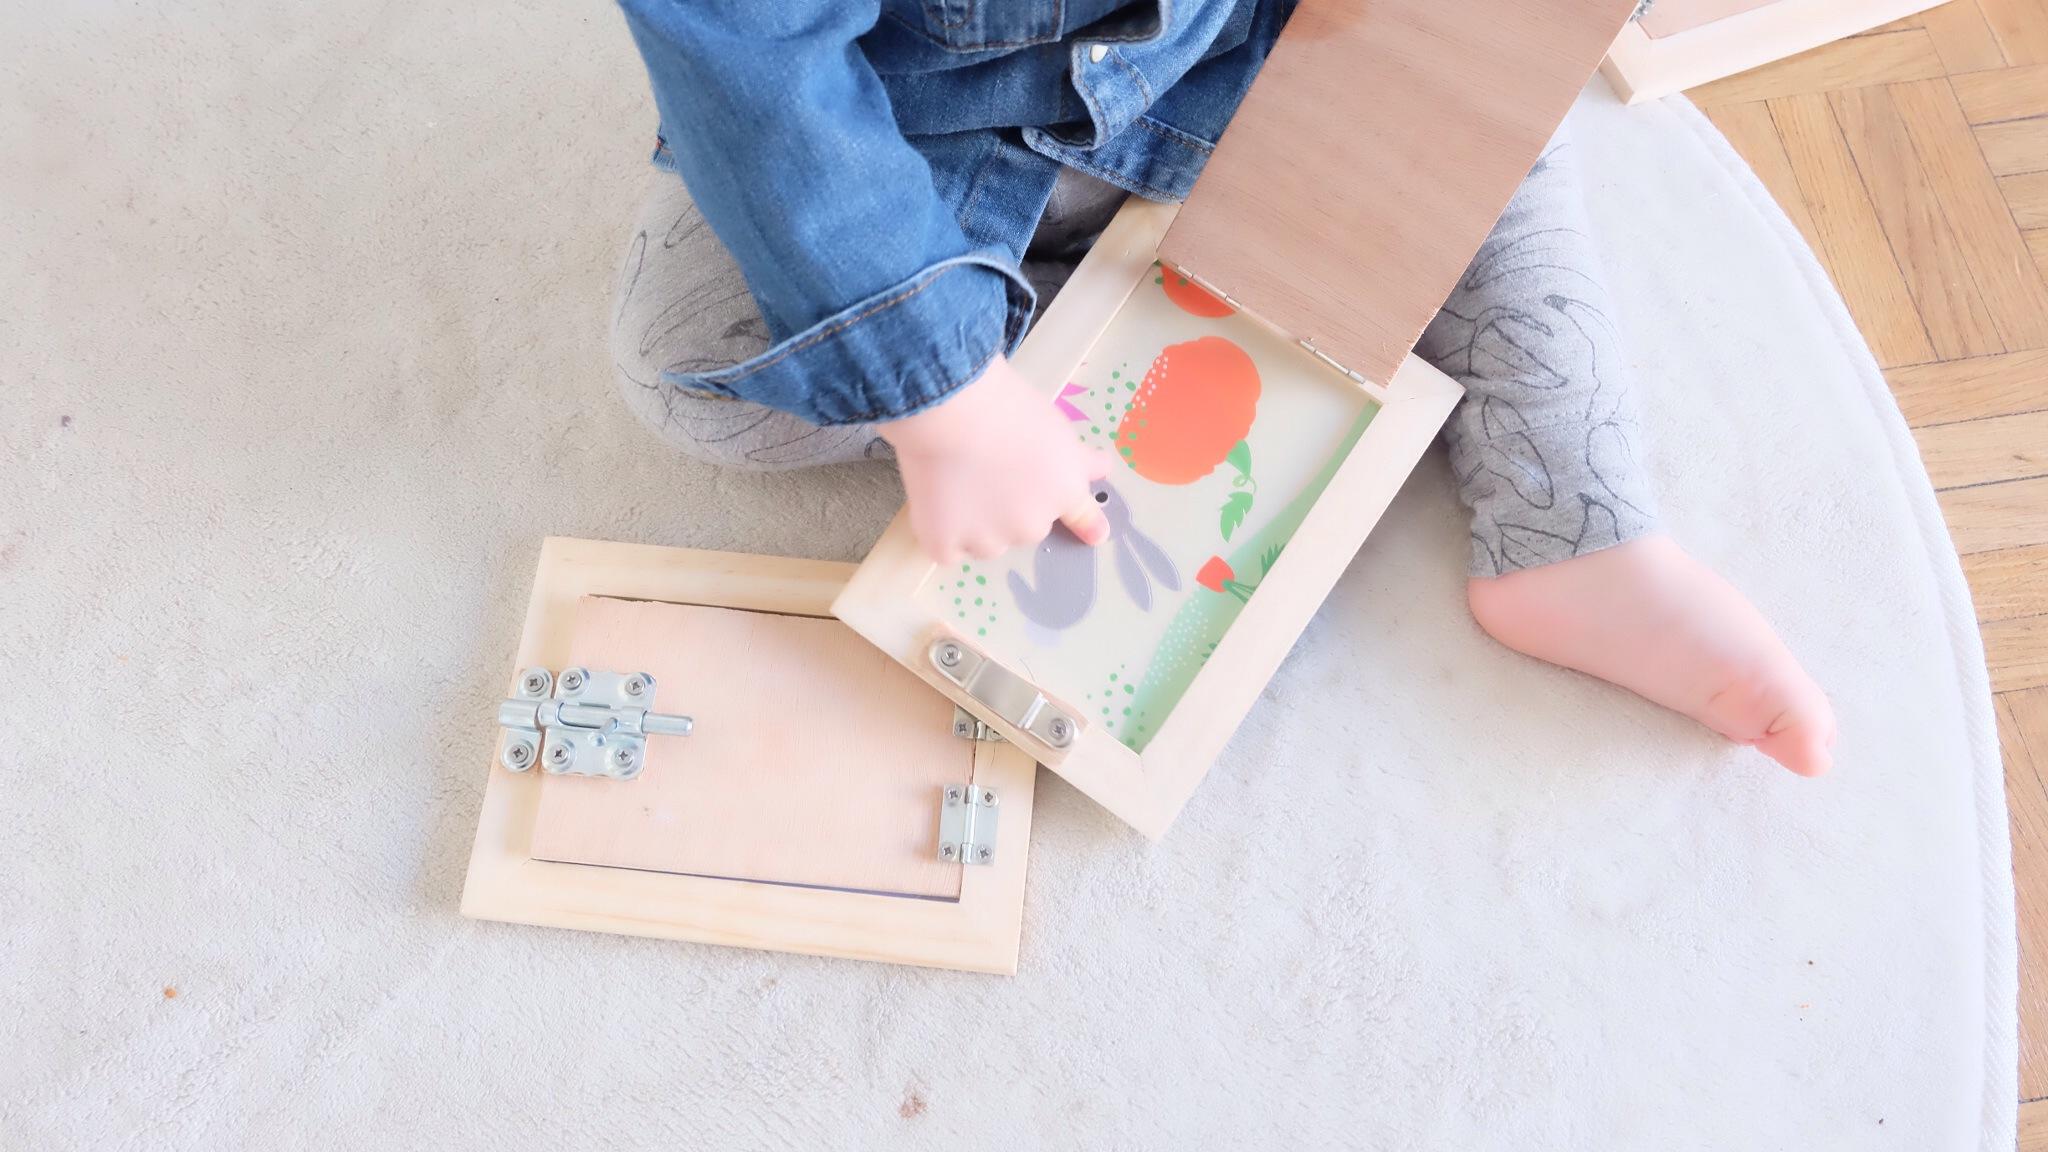 diy activit b b des cadres serrures inspir de la p dagogie montessori. Black Bedroom Furniture Sets. Home Design Ideas